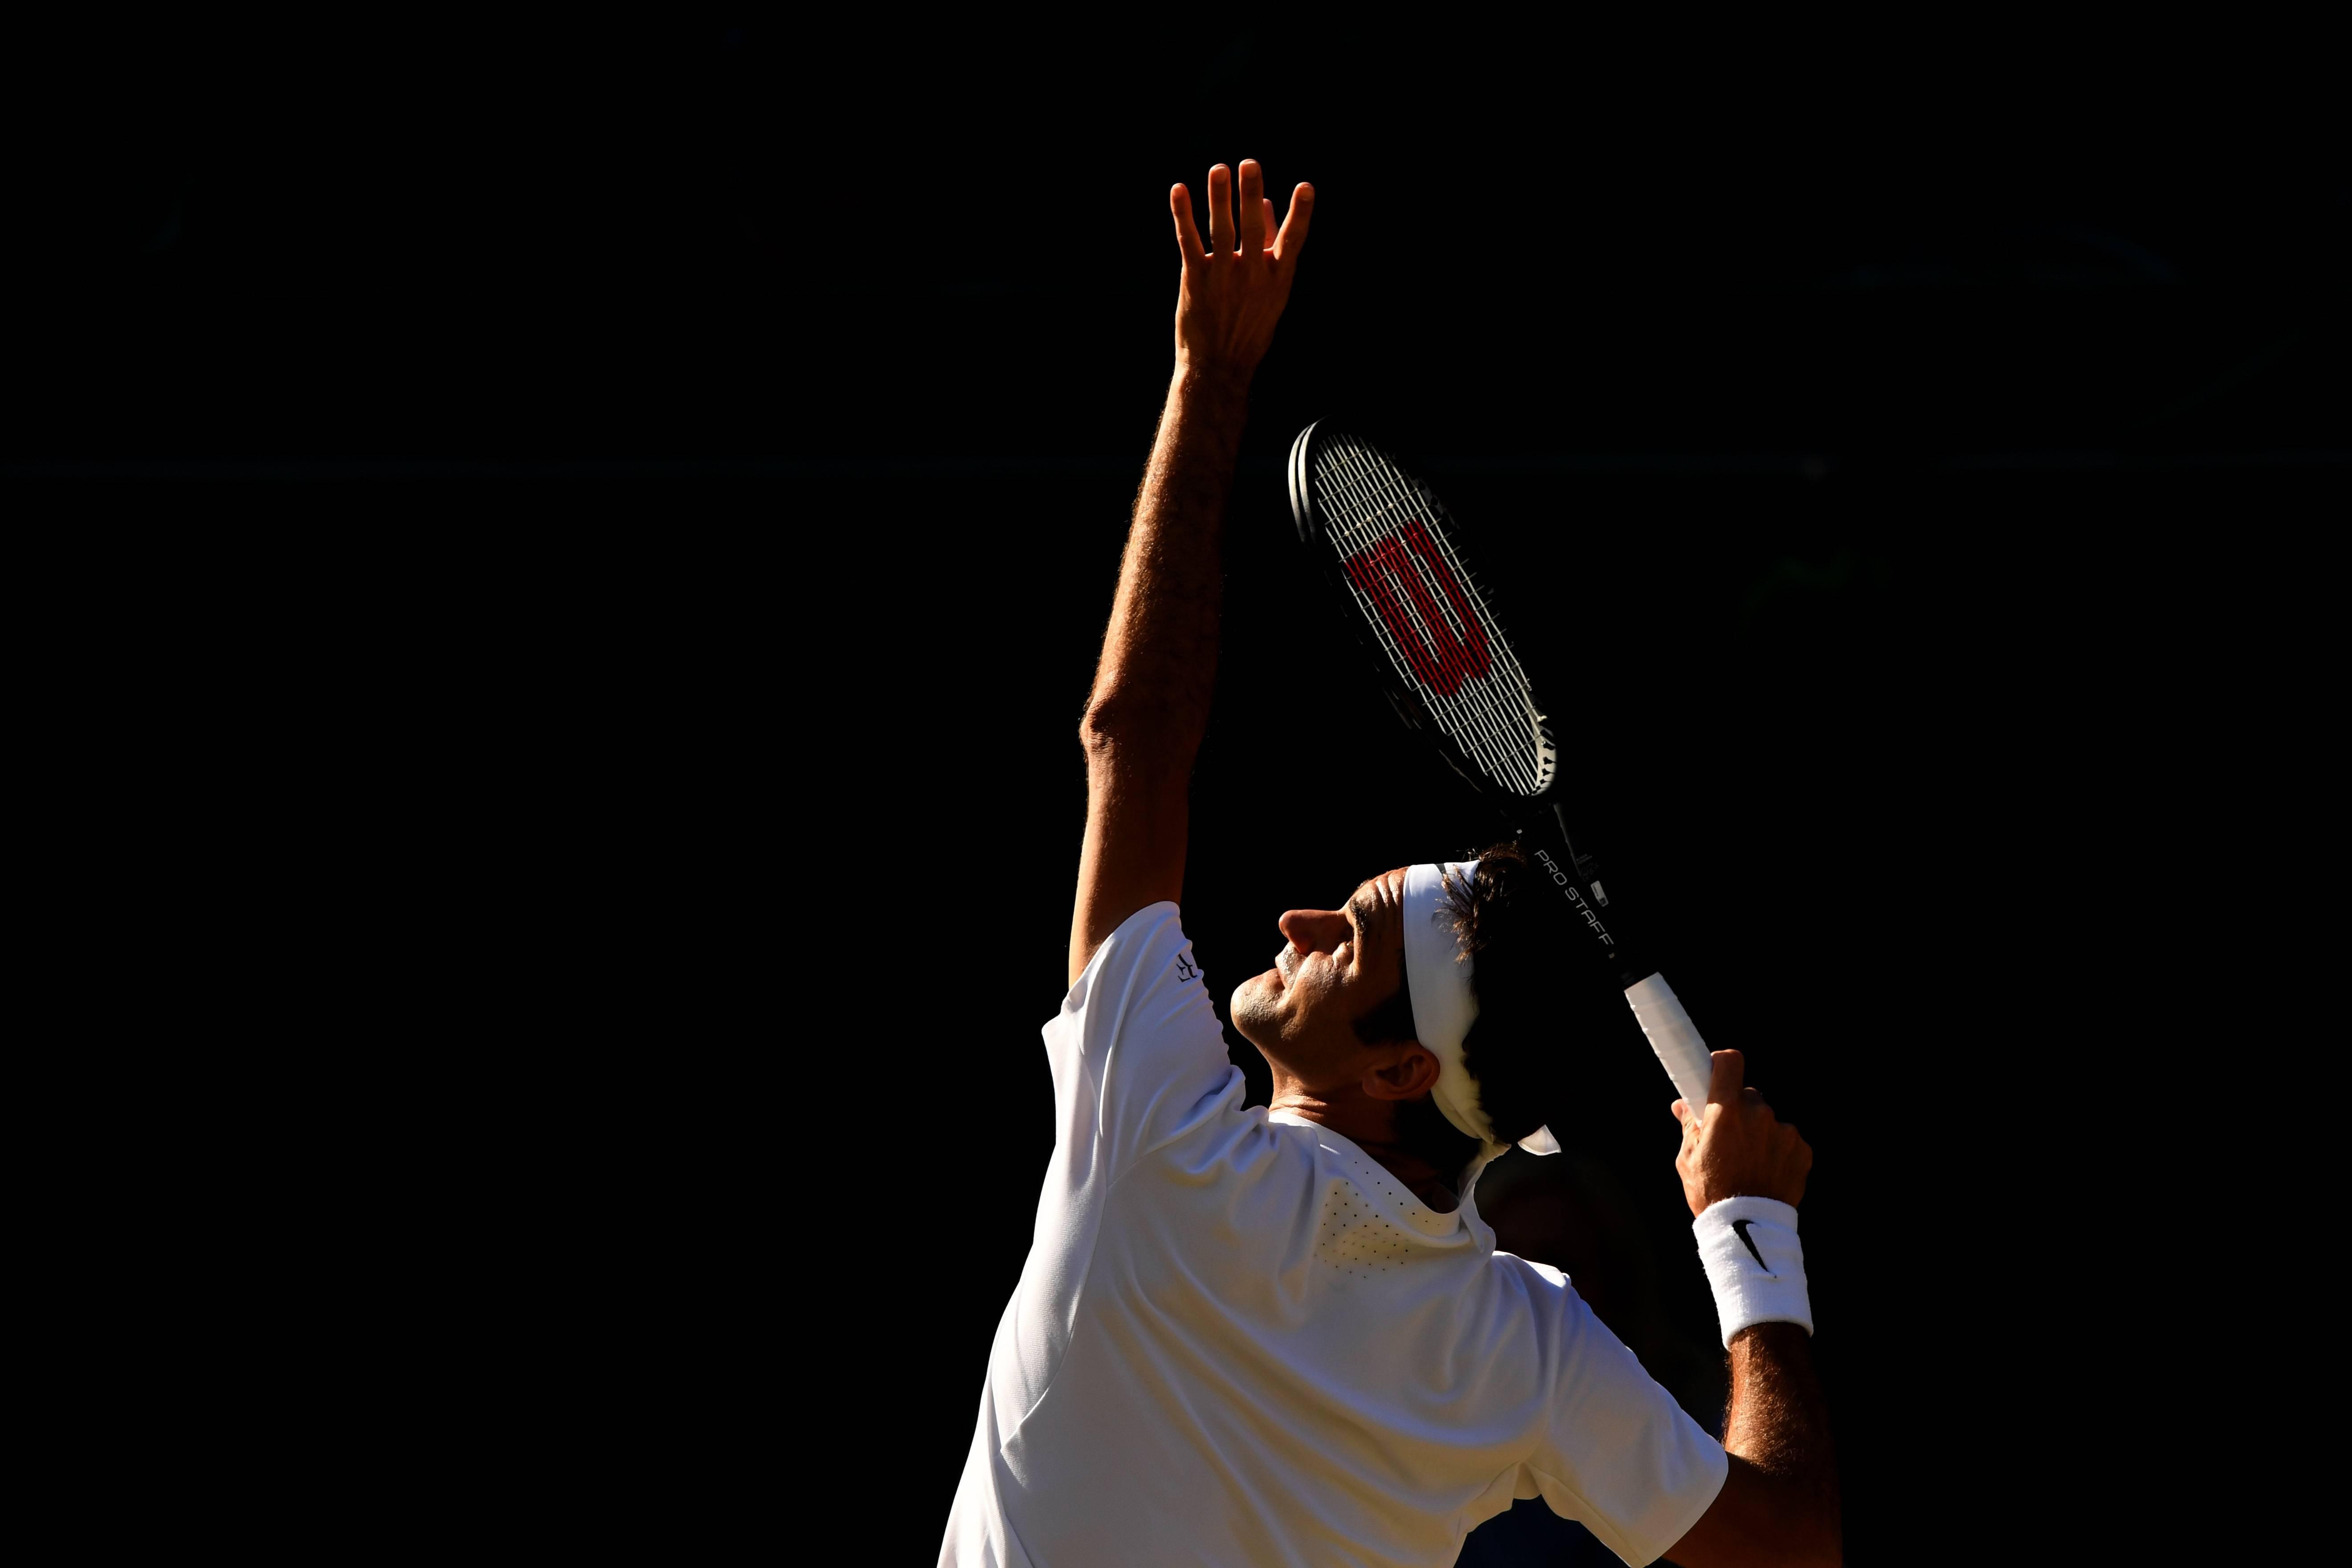 Roger Federer: Wimbledon 2017